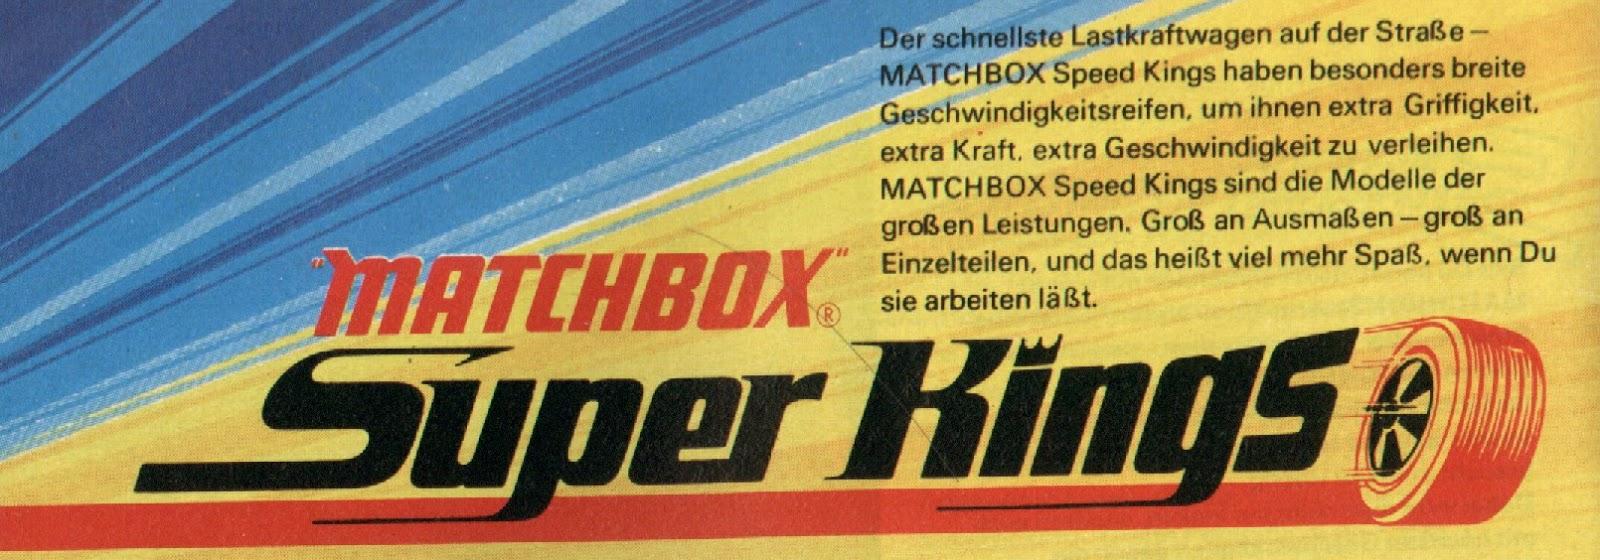 Matchbox 20super 20kings 20king 20size 20scammel 20contractor 20excavator 20bagger 20k 19 20k 1 201968 201969 20 18